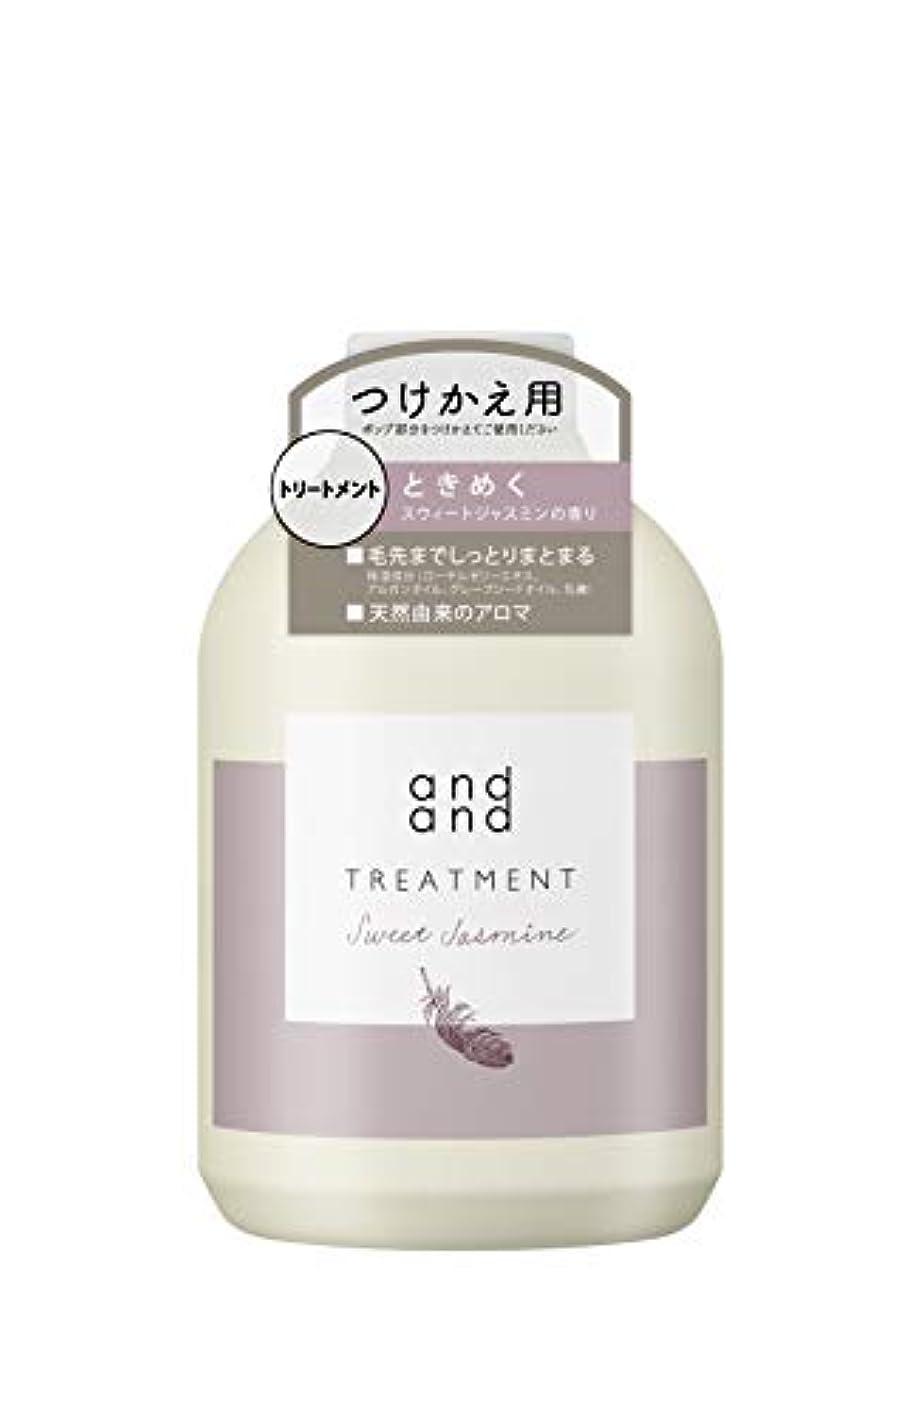 努力する論理ノイズandand(アンドアンド) ときめく[ノンシリコーン処方] トリートメント スウィートジャスミンの香り 詰替え用 480ml